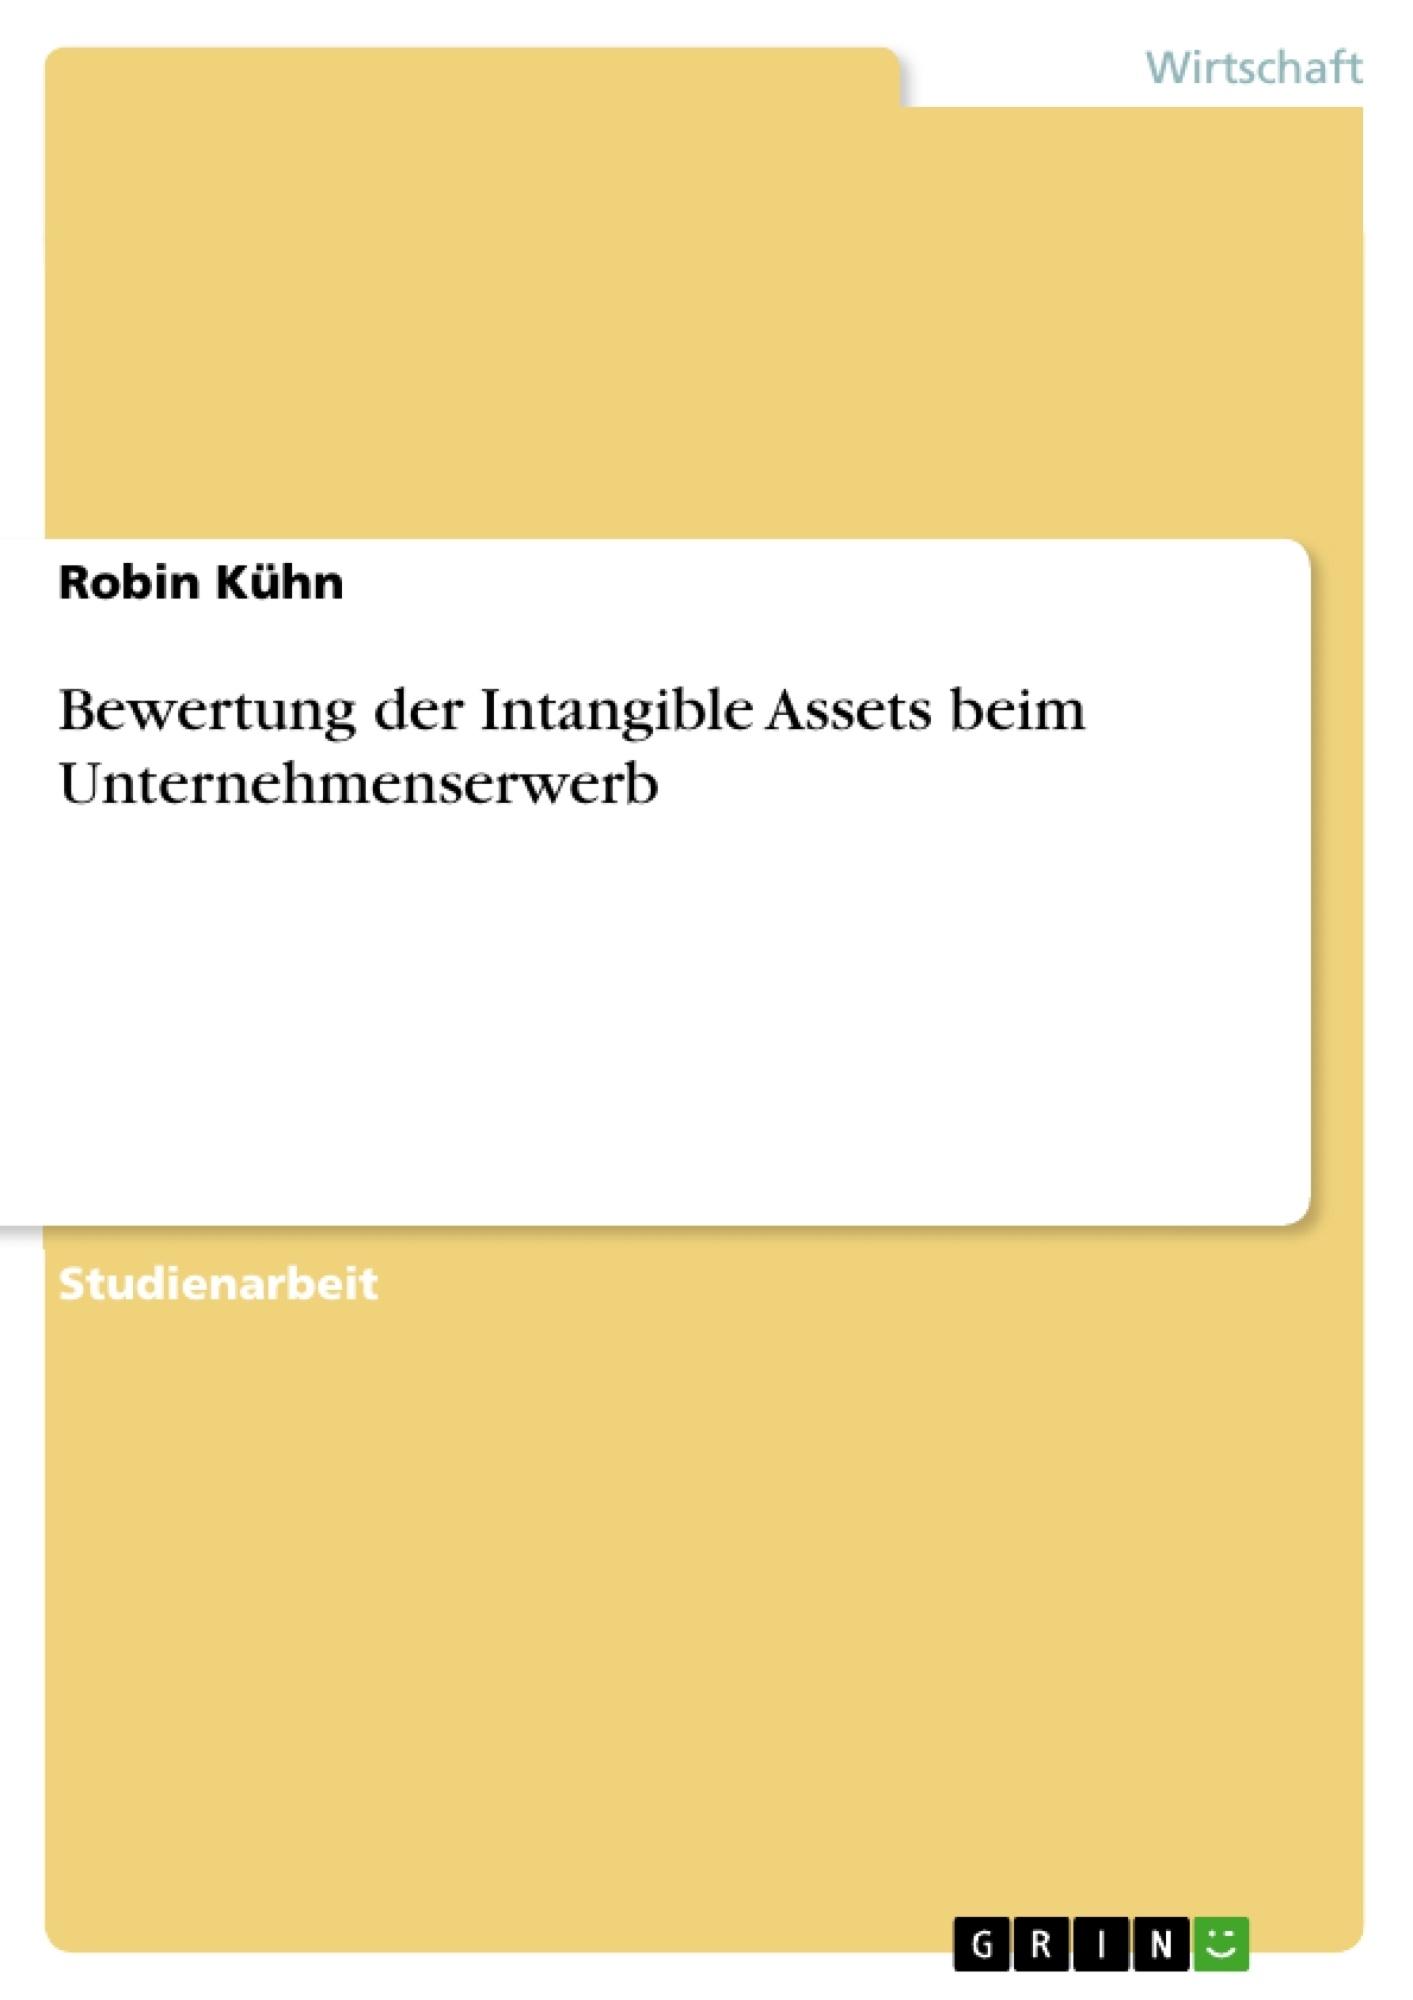 Titel: Bewertung der Intangible Assets beim Unternehmenserwerb